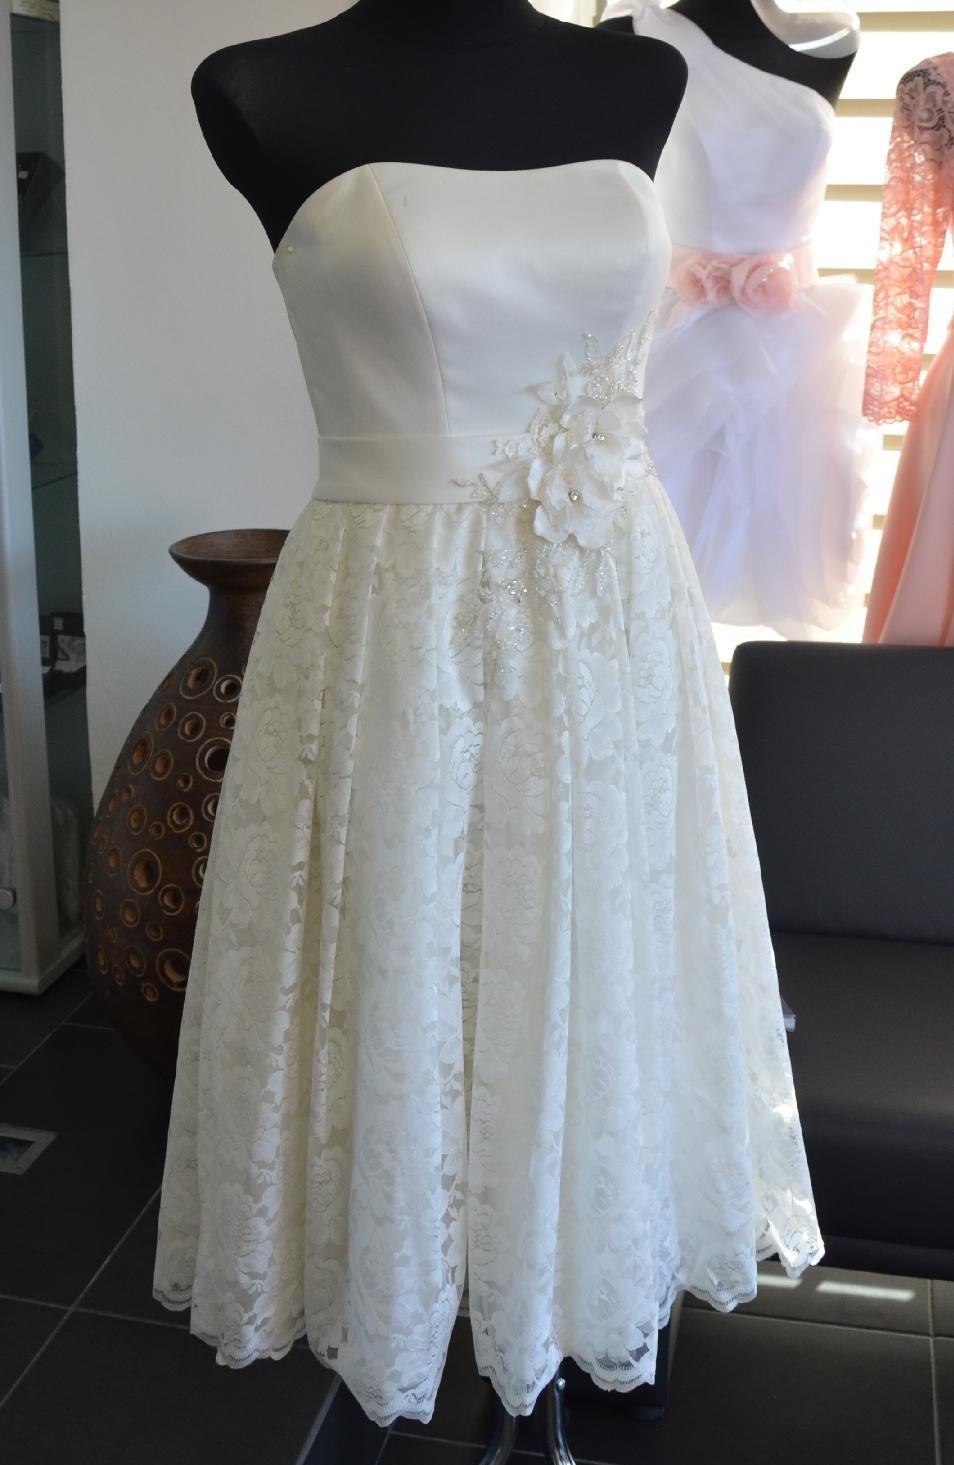 Akce 65 procent sleva na svatební šaty - Obrázek č. 1